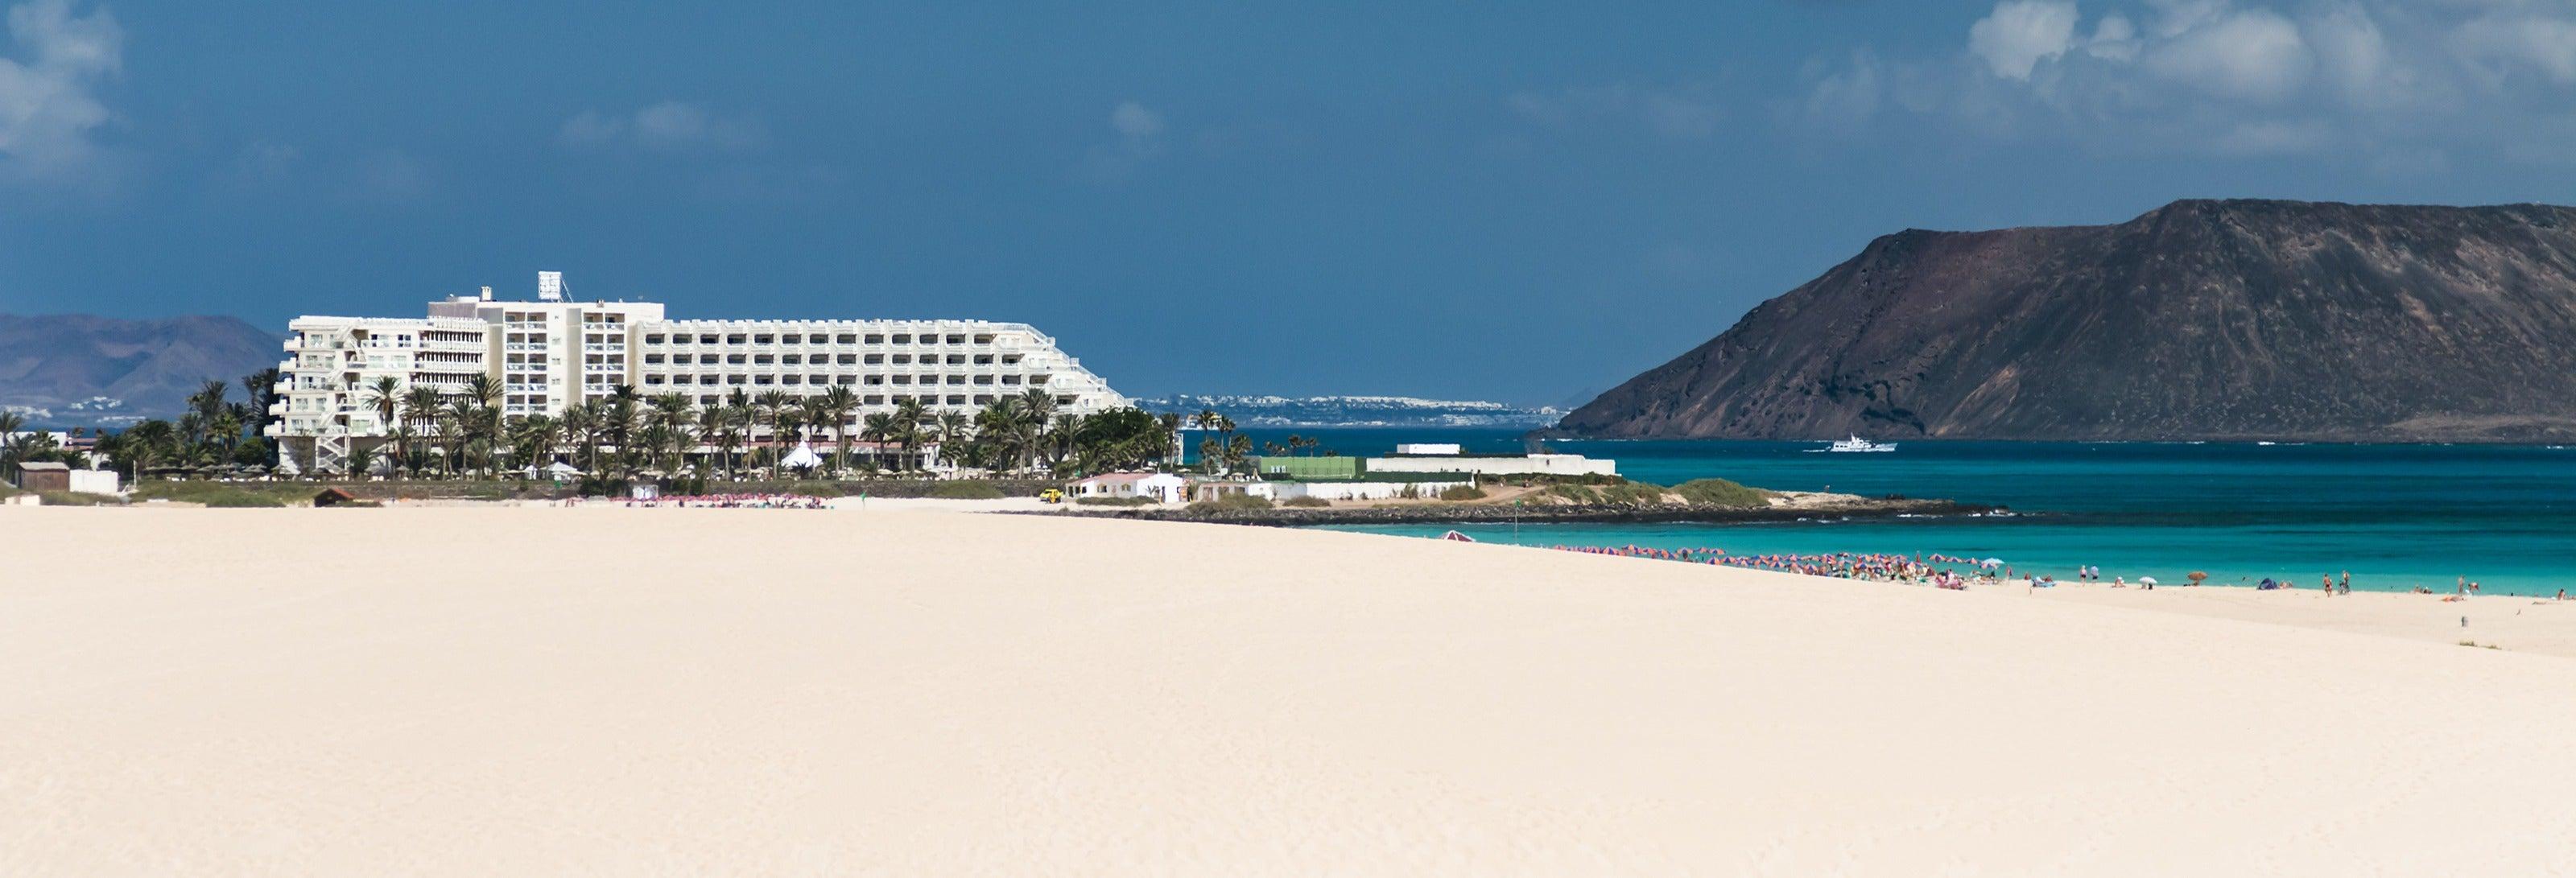 Fuerteventura por libre en ferry desde Playa Blanca